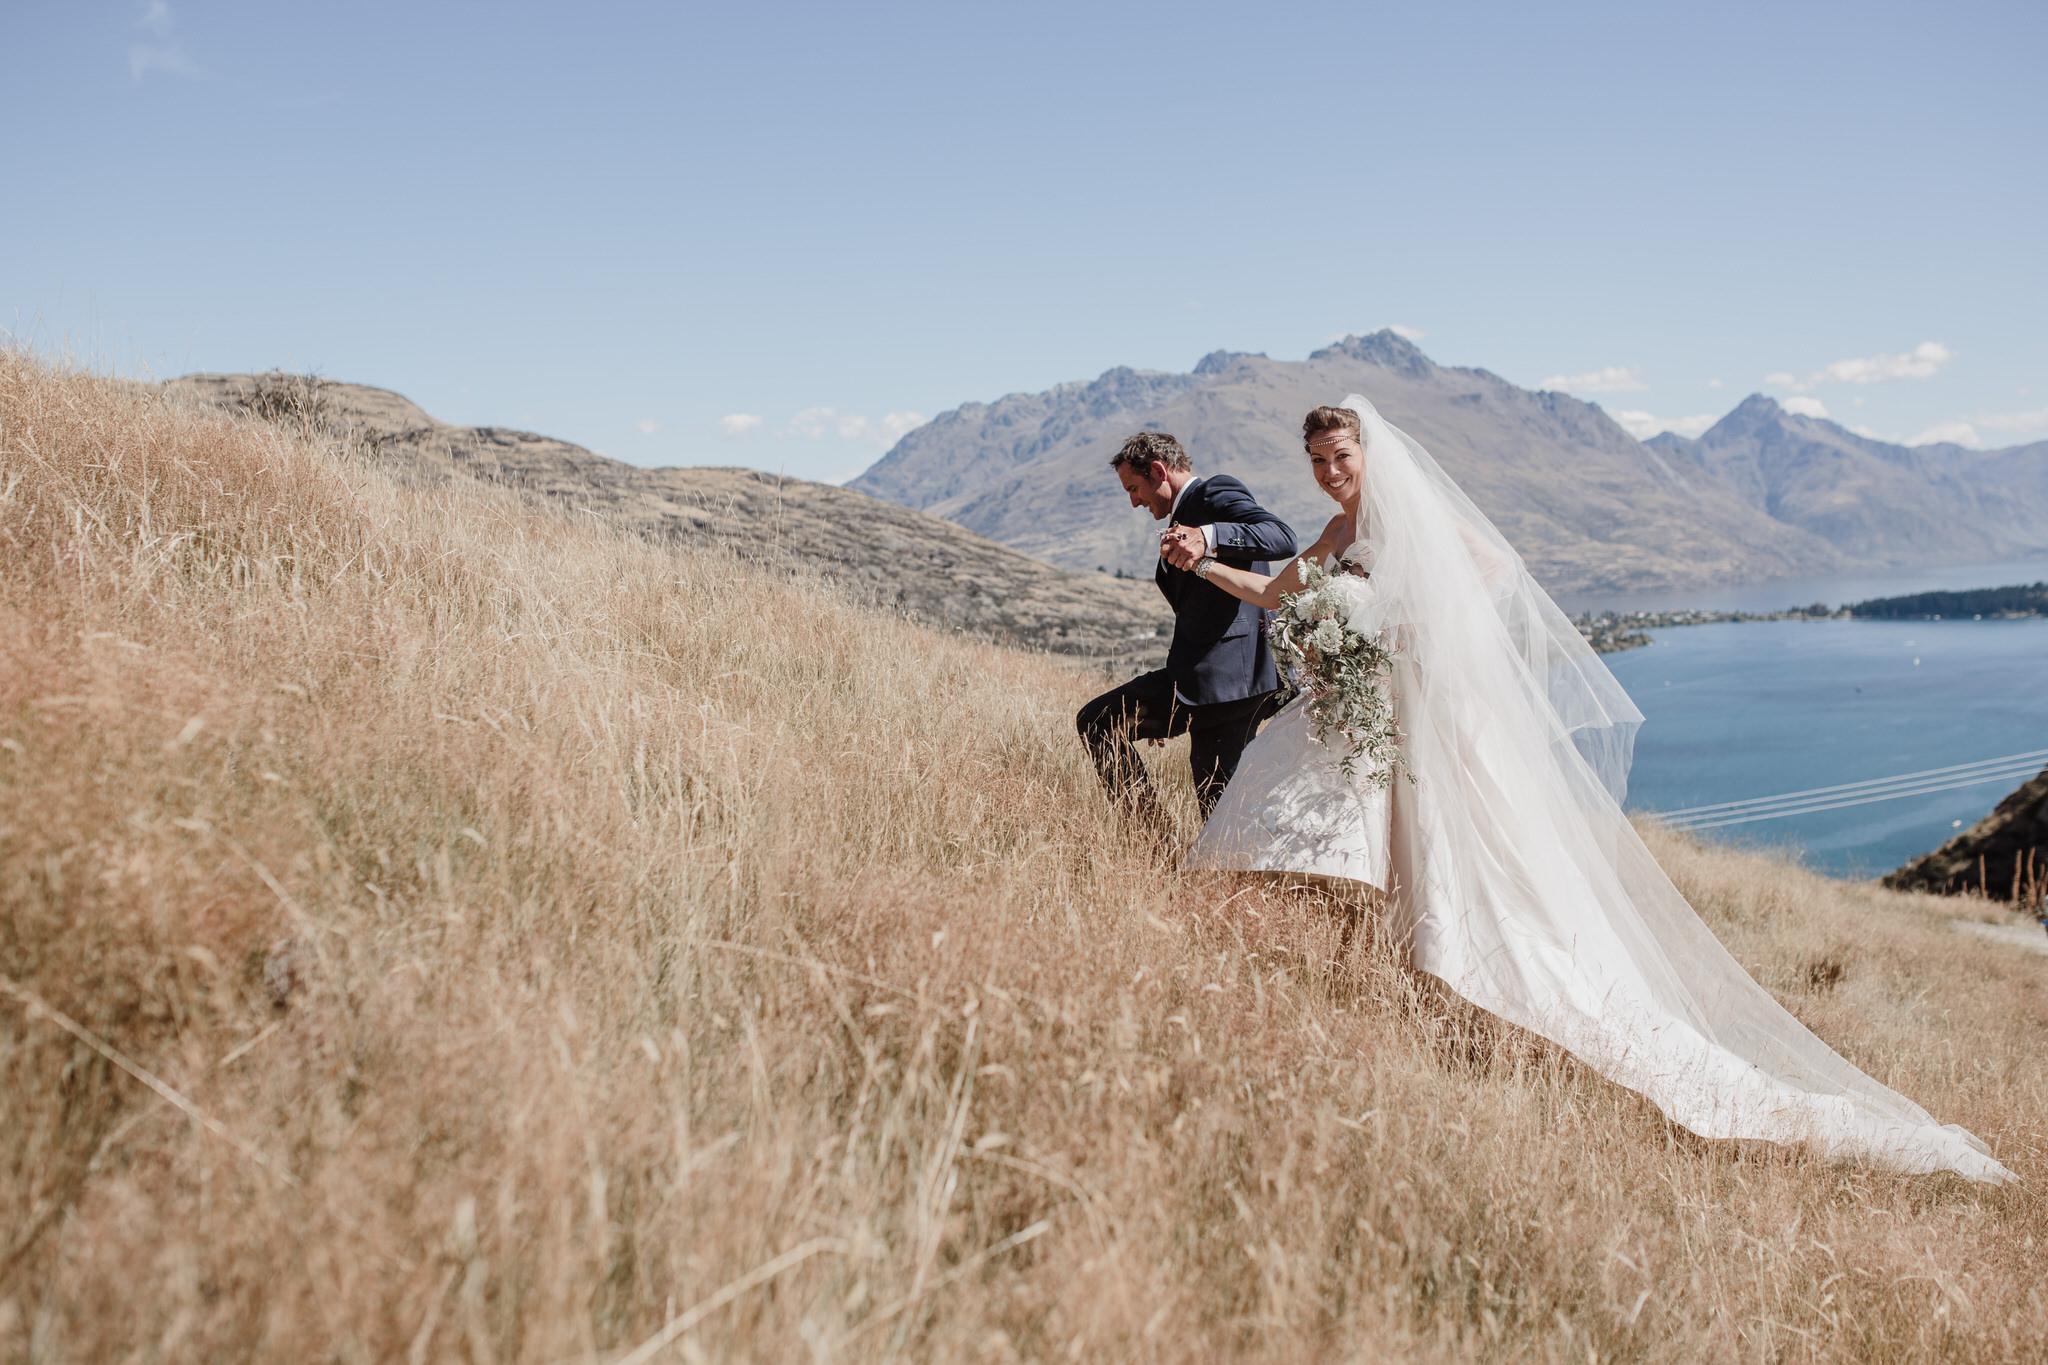 Liz + Campbell - NZ High Country, Queenstown NZ